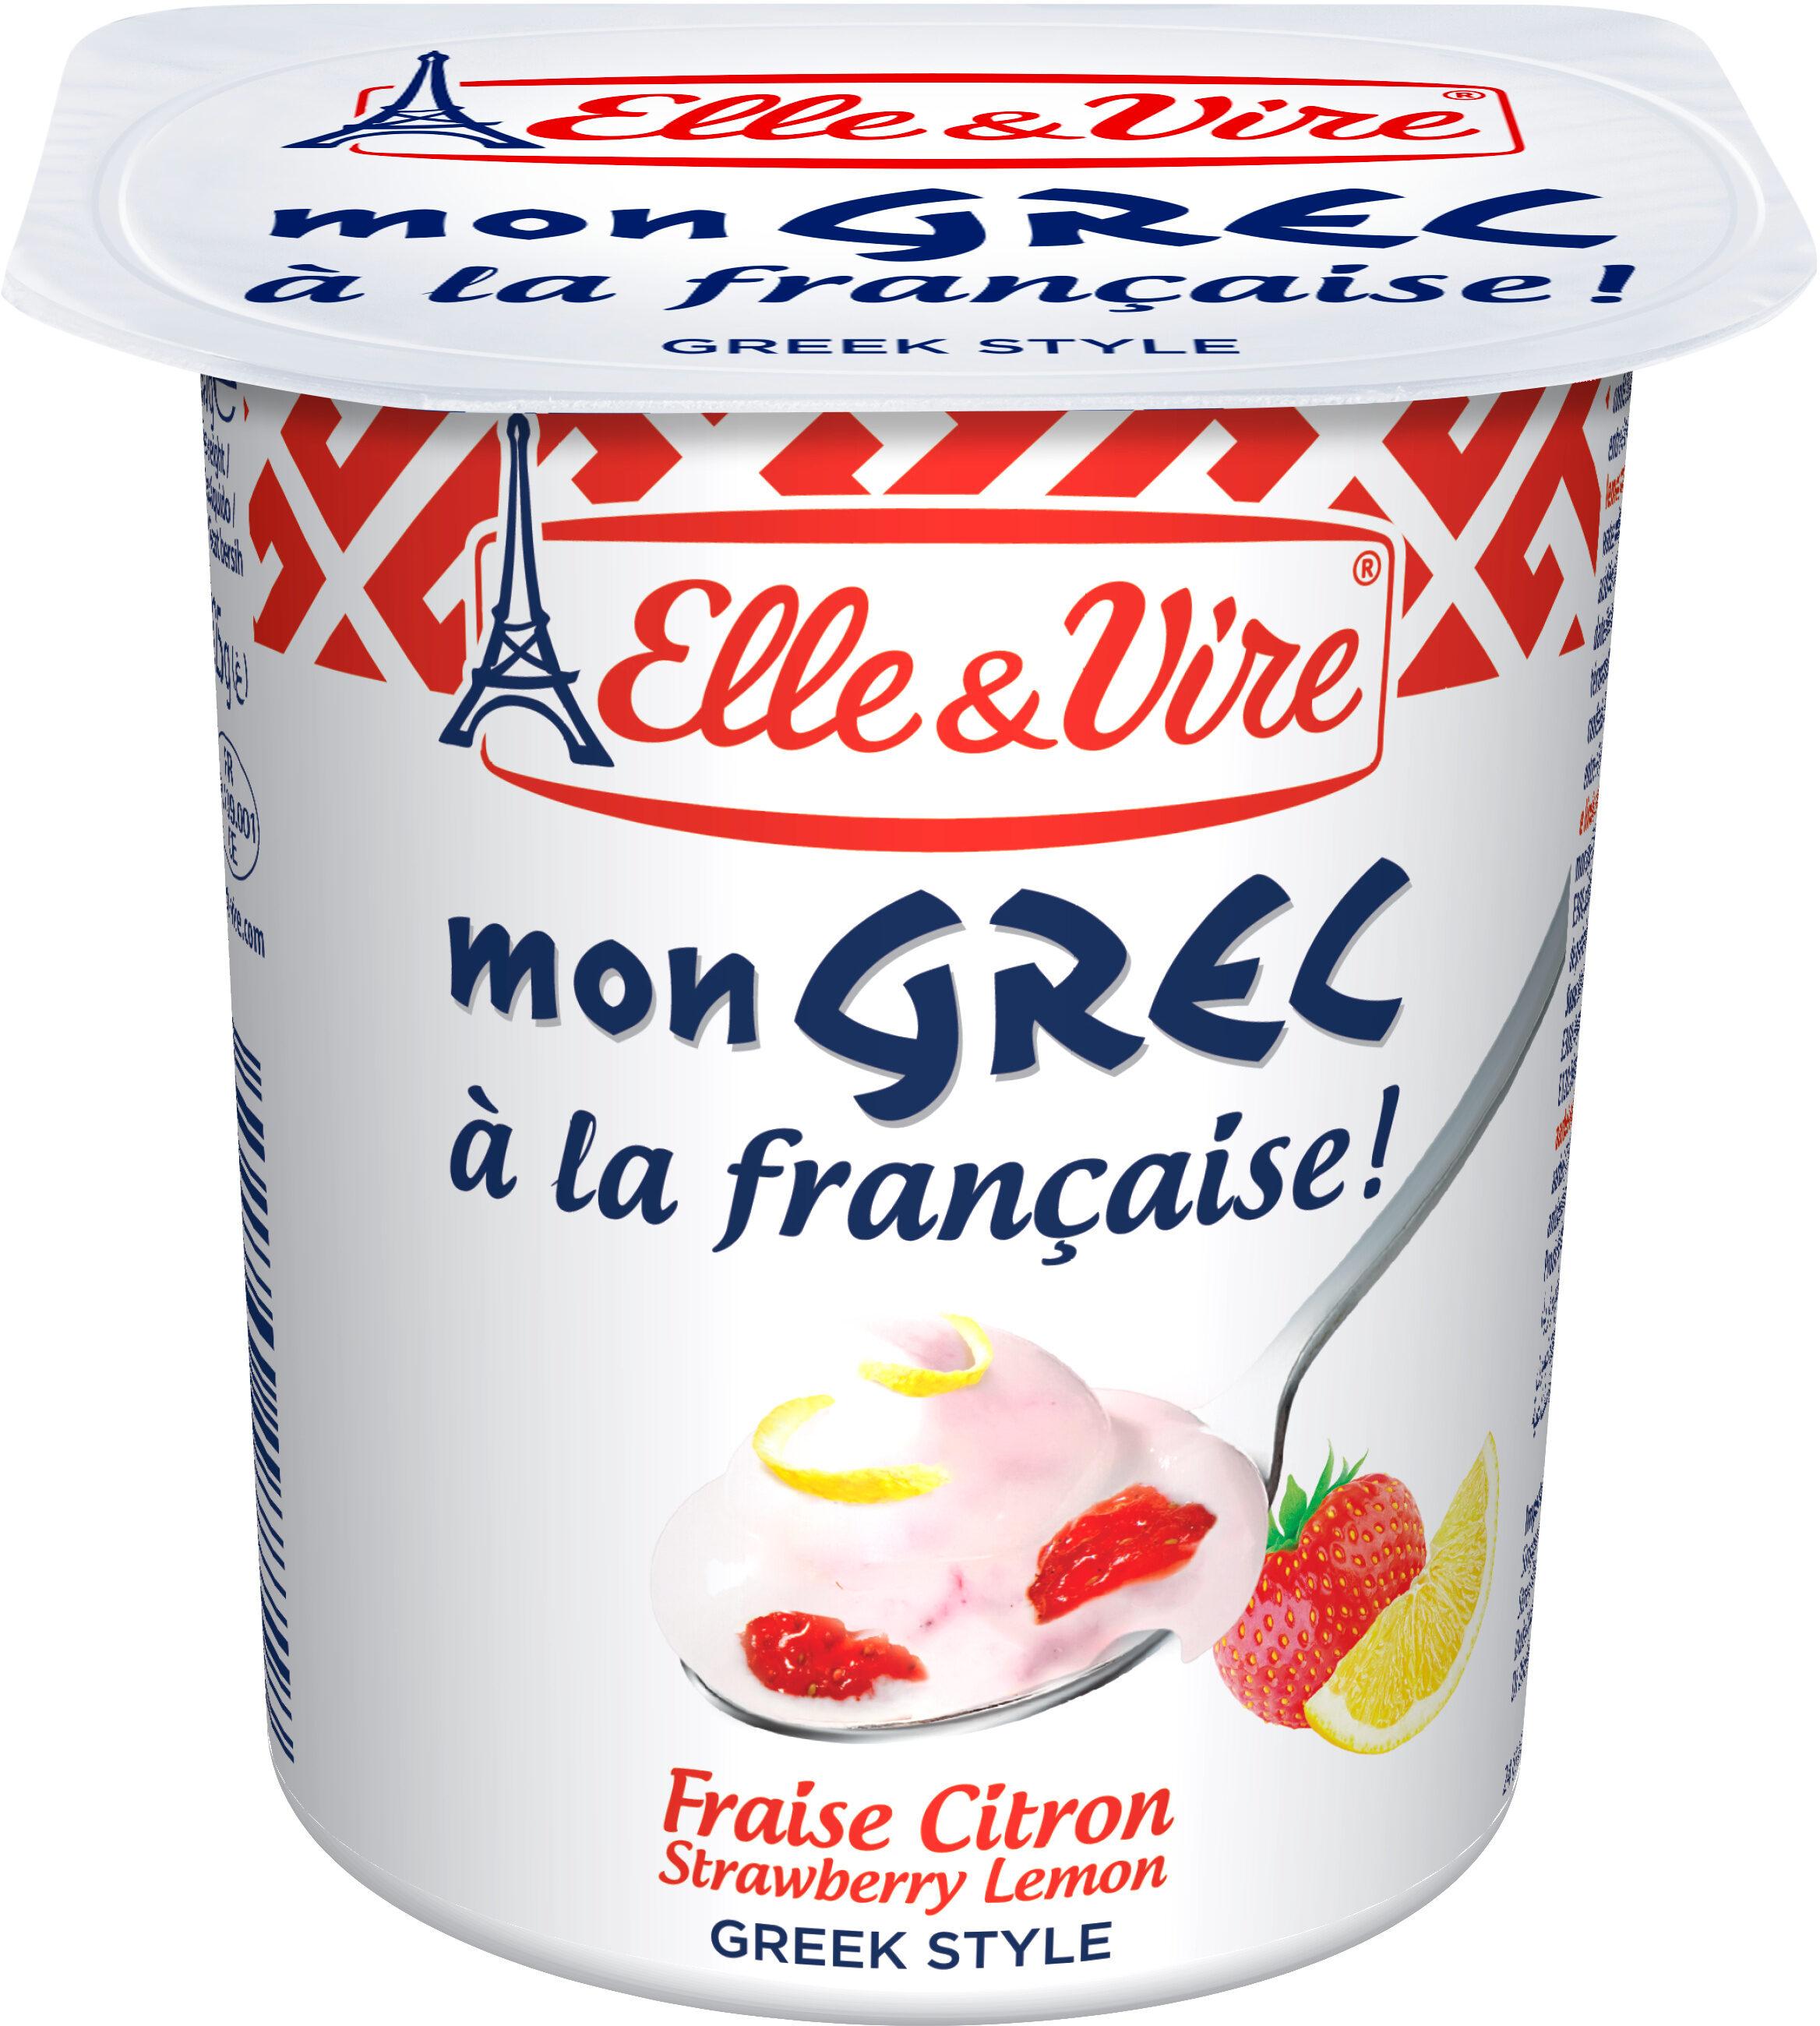 Dessert lacté Mon Grec - Fraise citron - Product - fr